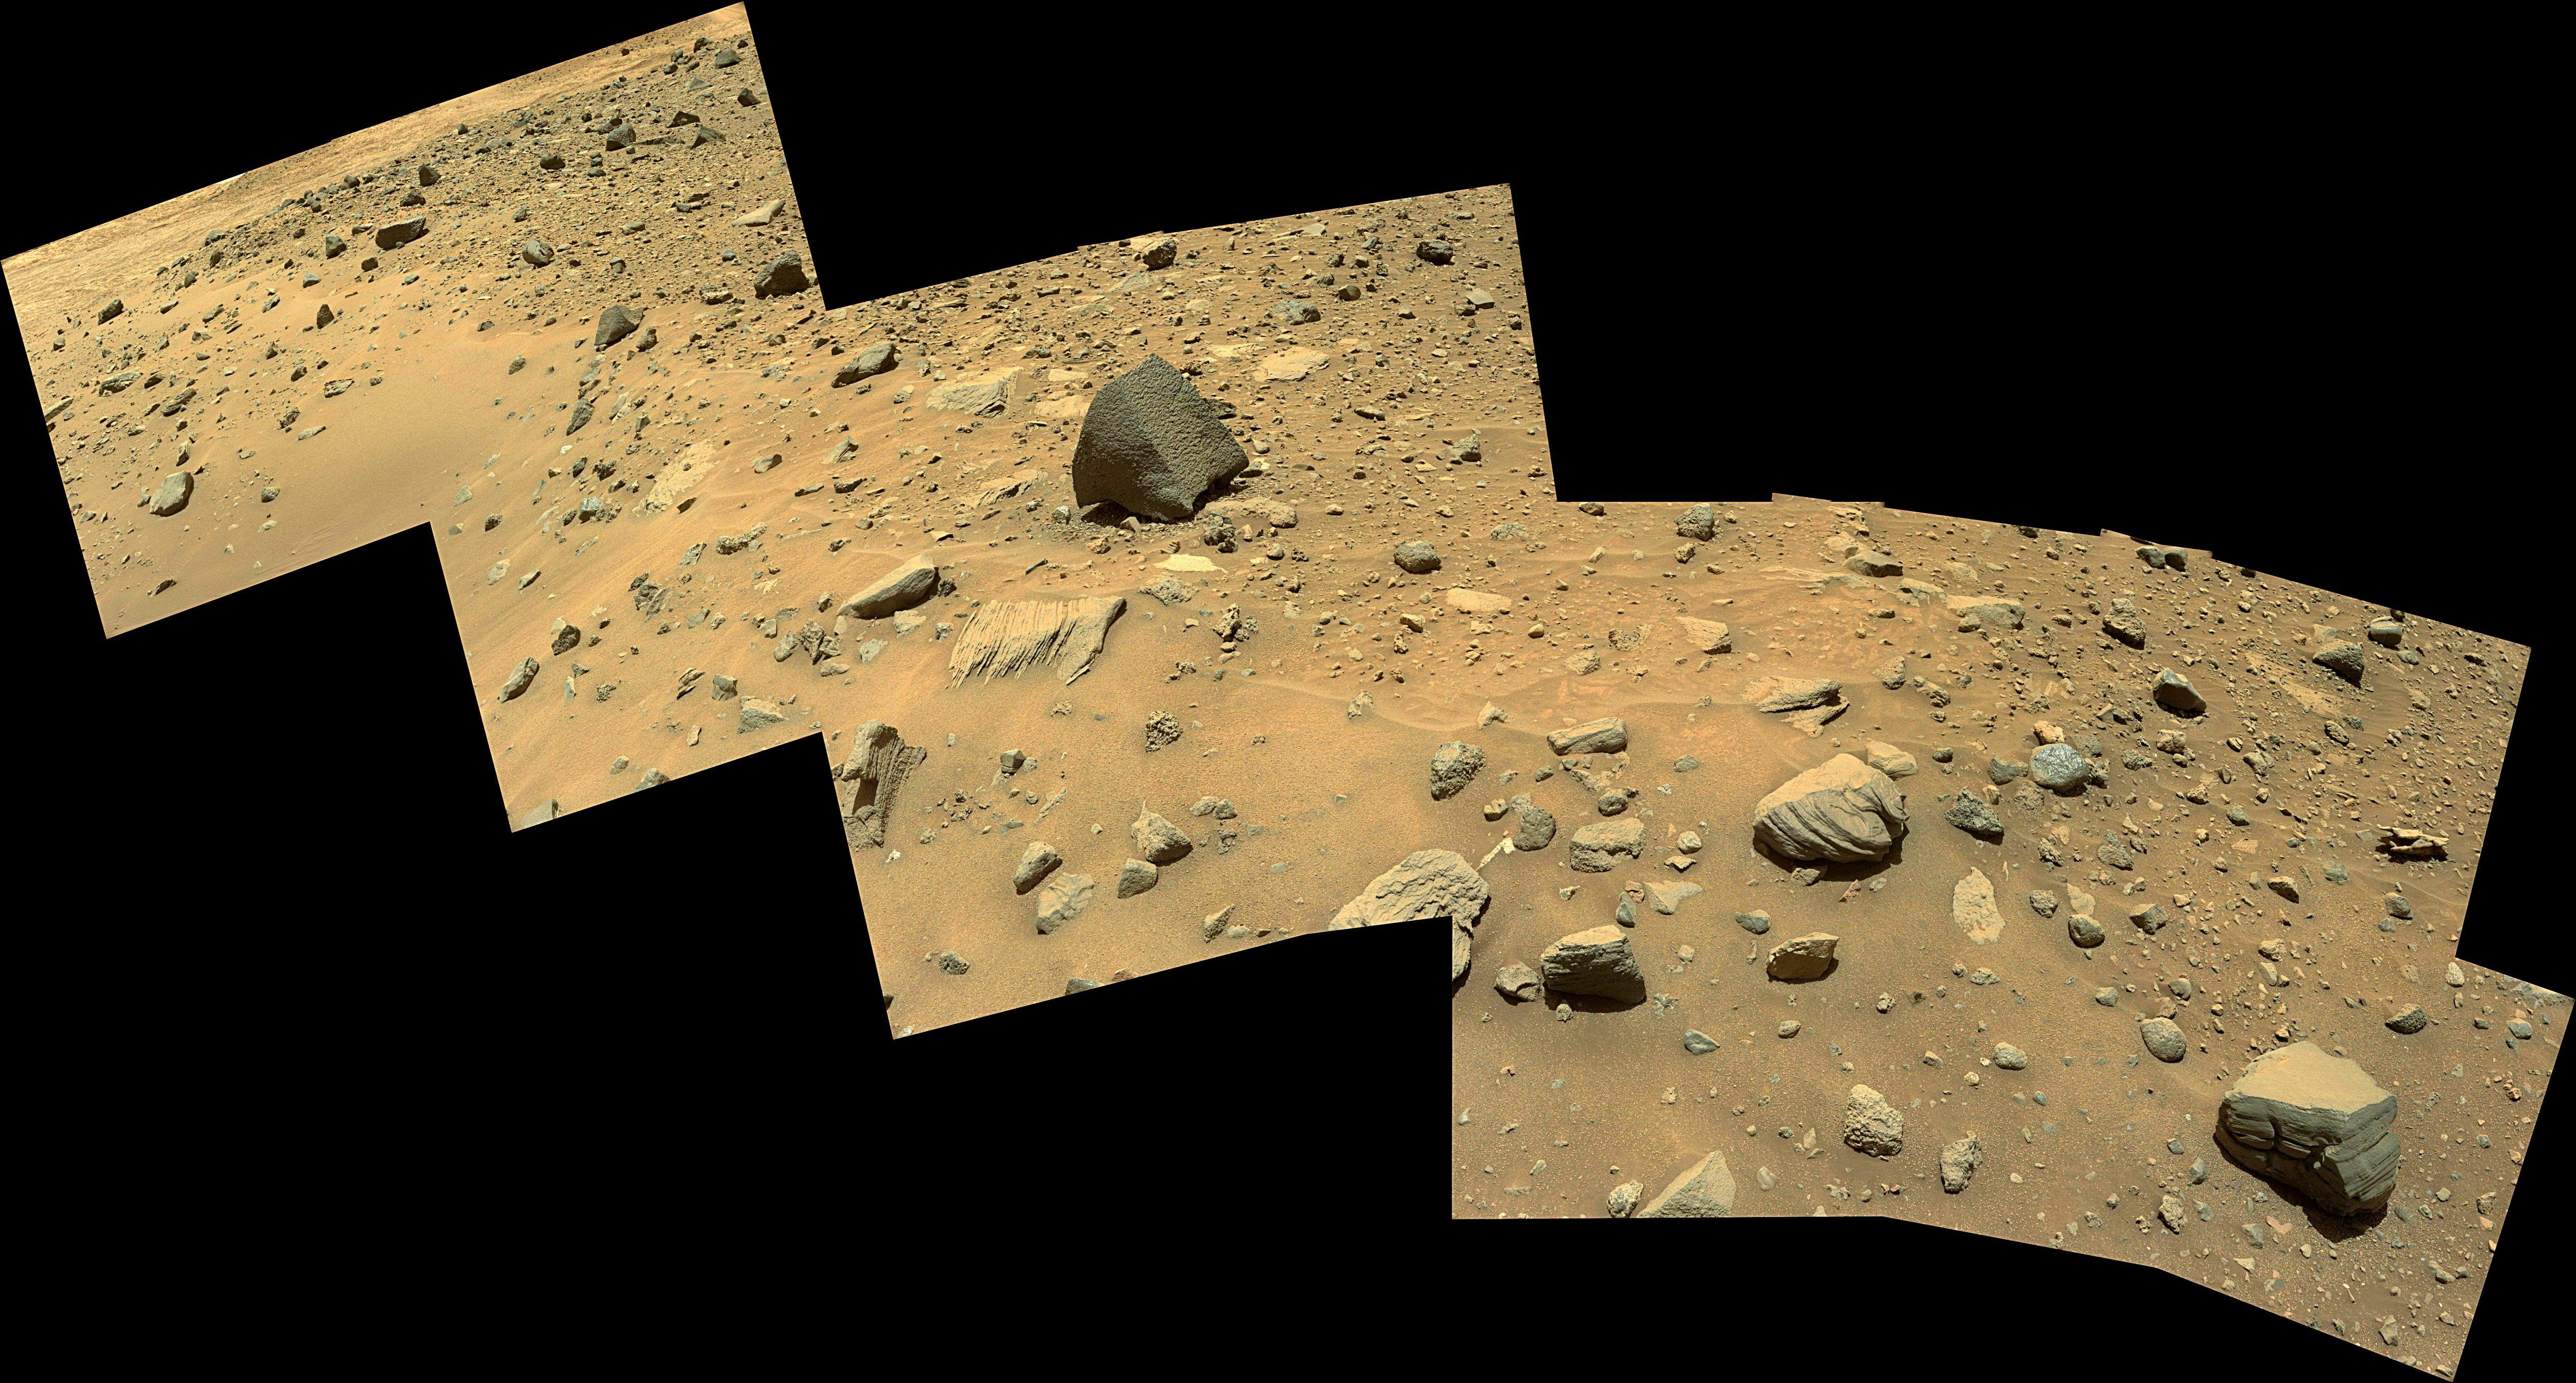 Марс, последние новости, фото, видео